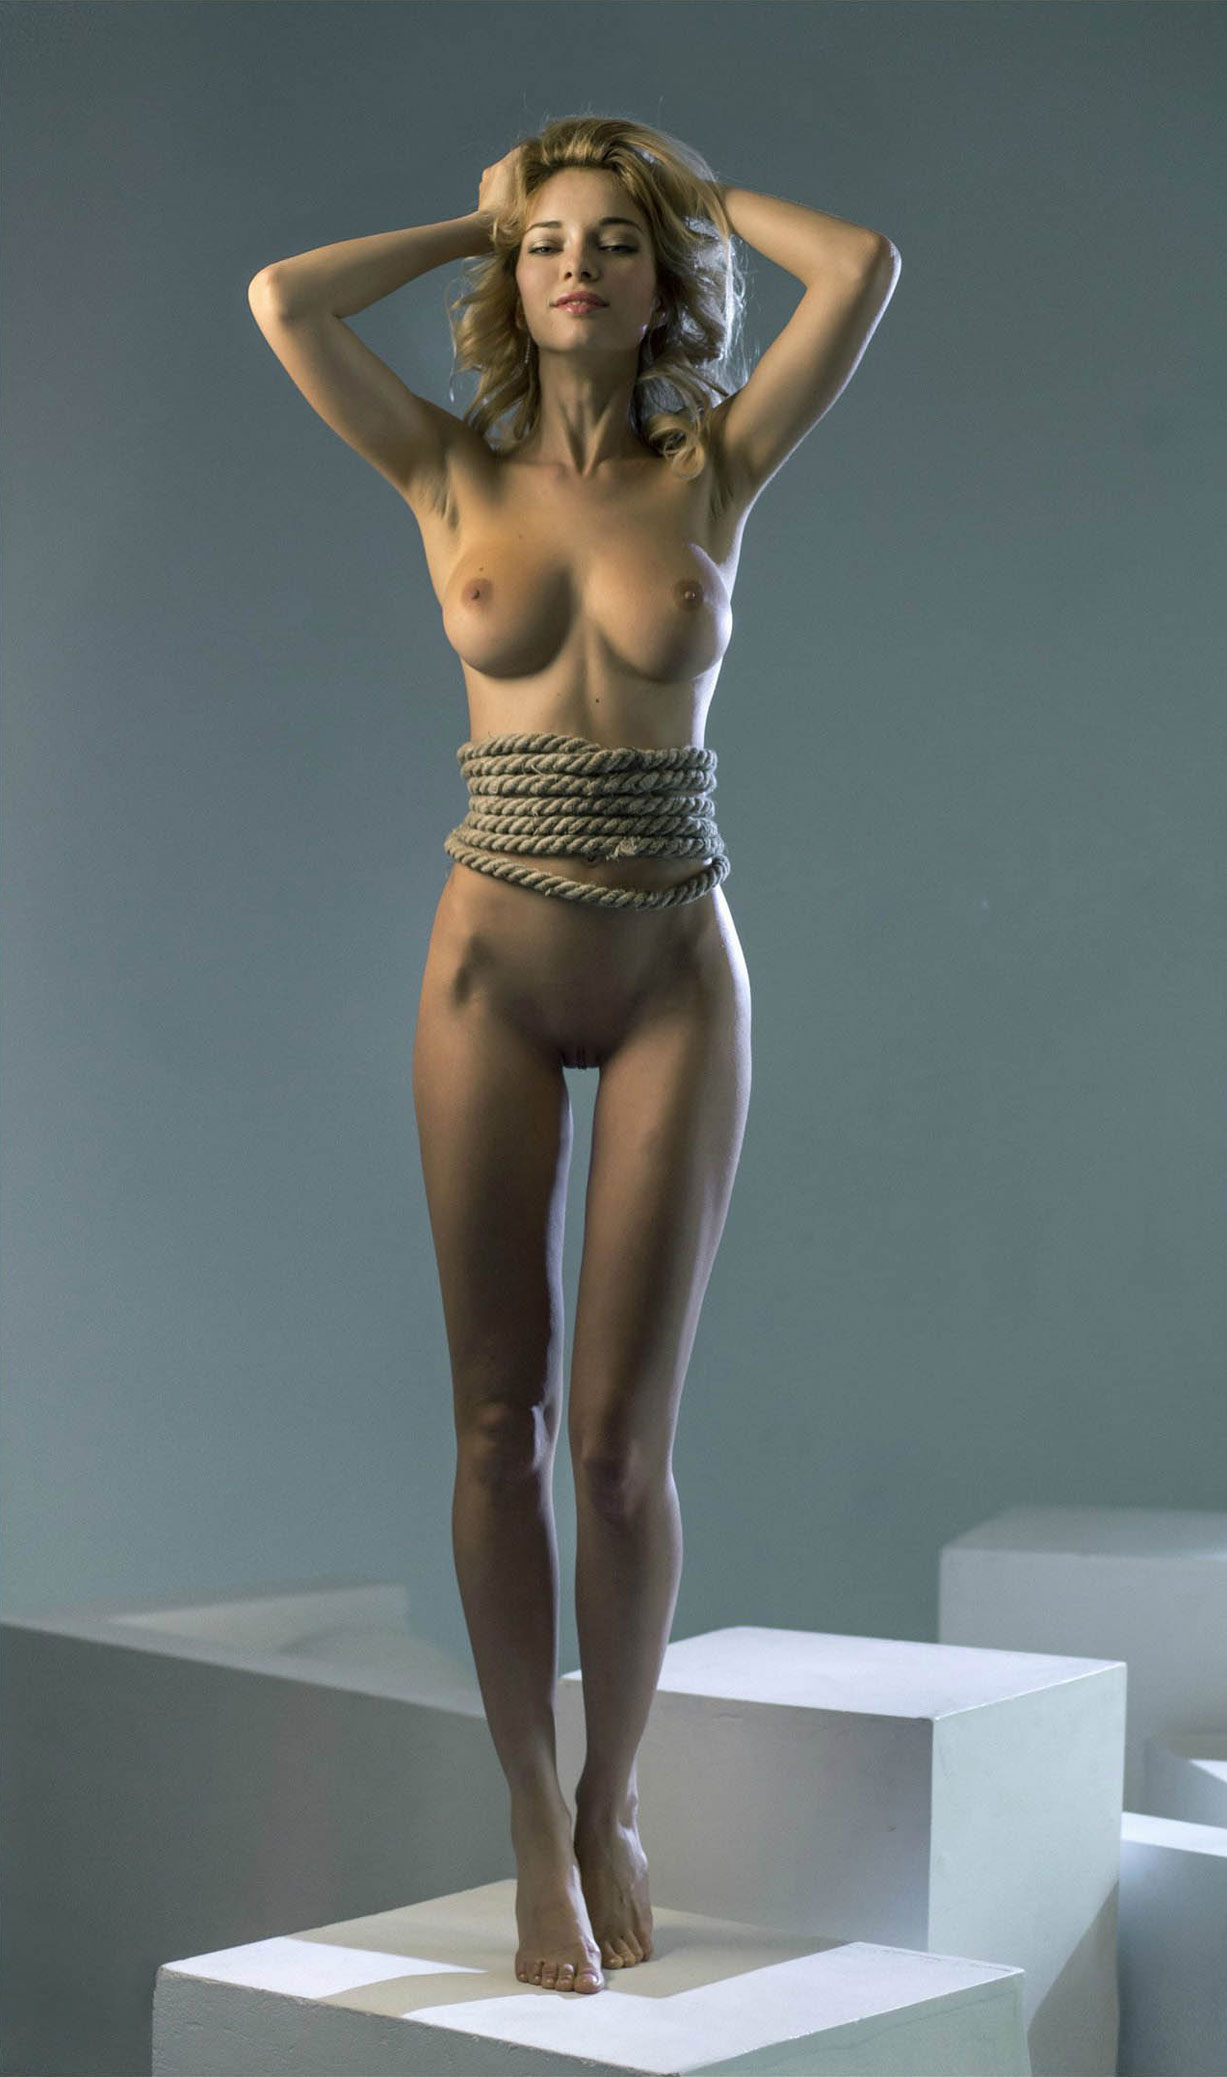 подборка фотографий сексуальных голых девушек - Наталья Андреева / Natalia Andreeva